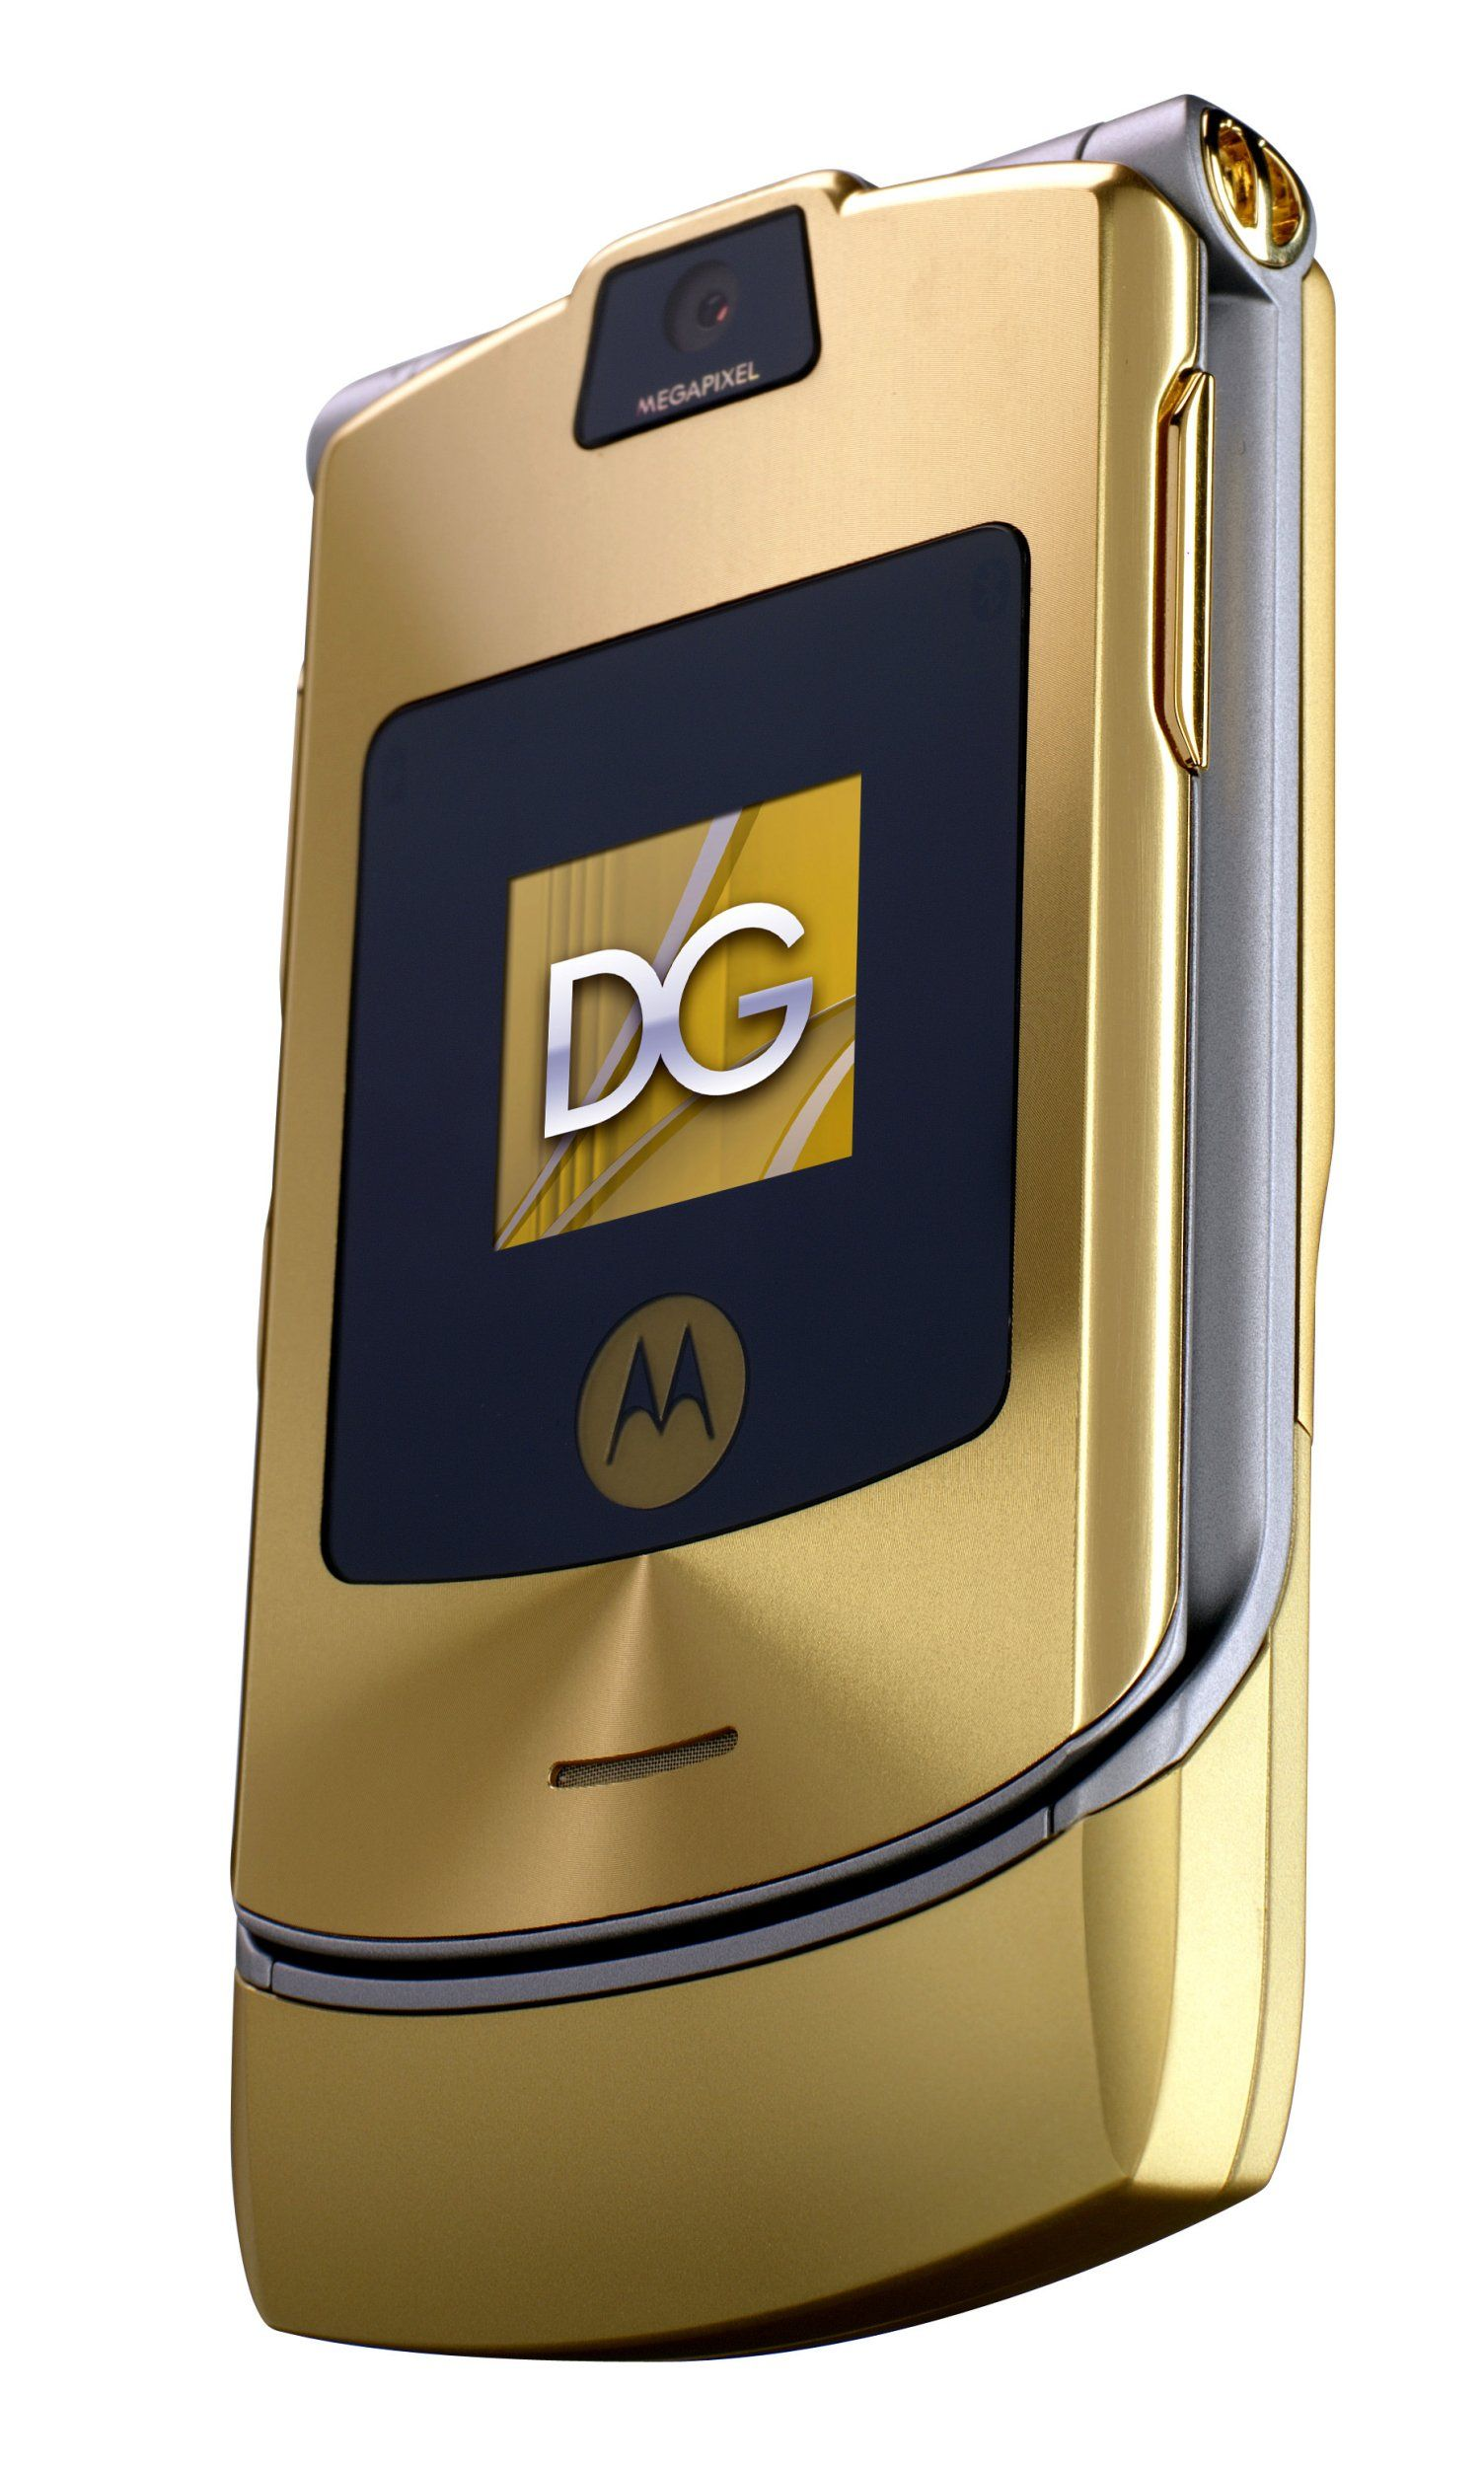 Motorola RAZR V3i Dolce & Gabbana Unlocked Phone with MP3